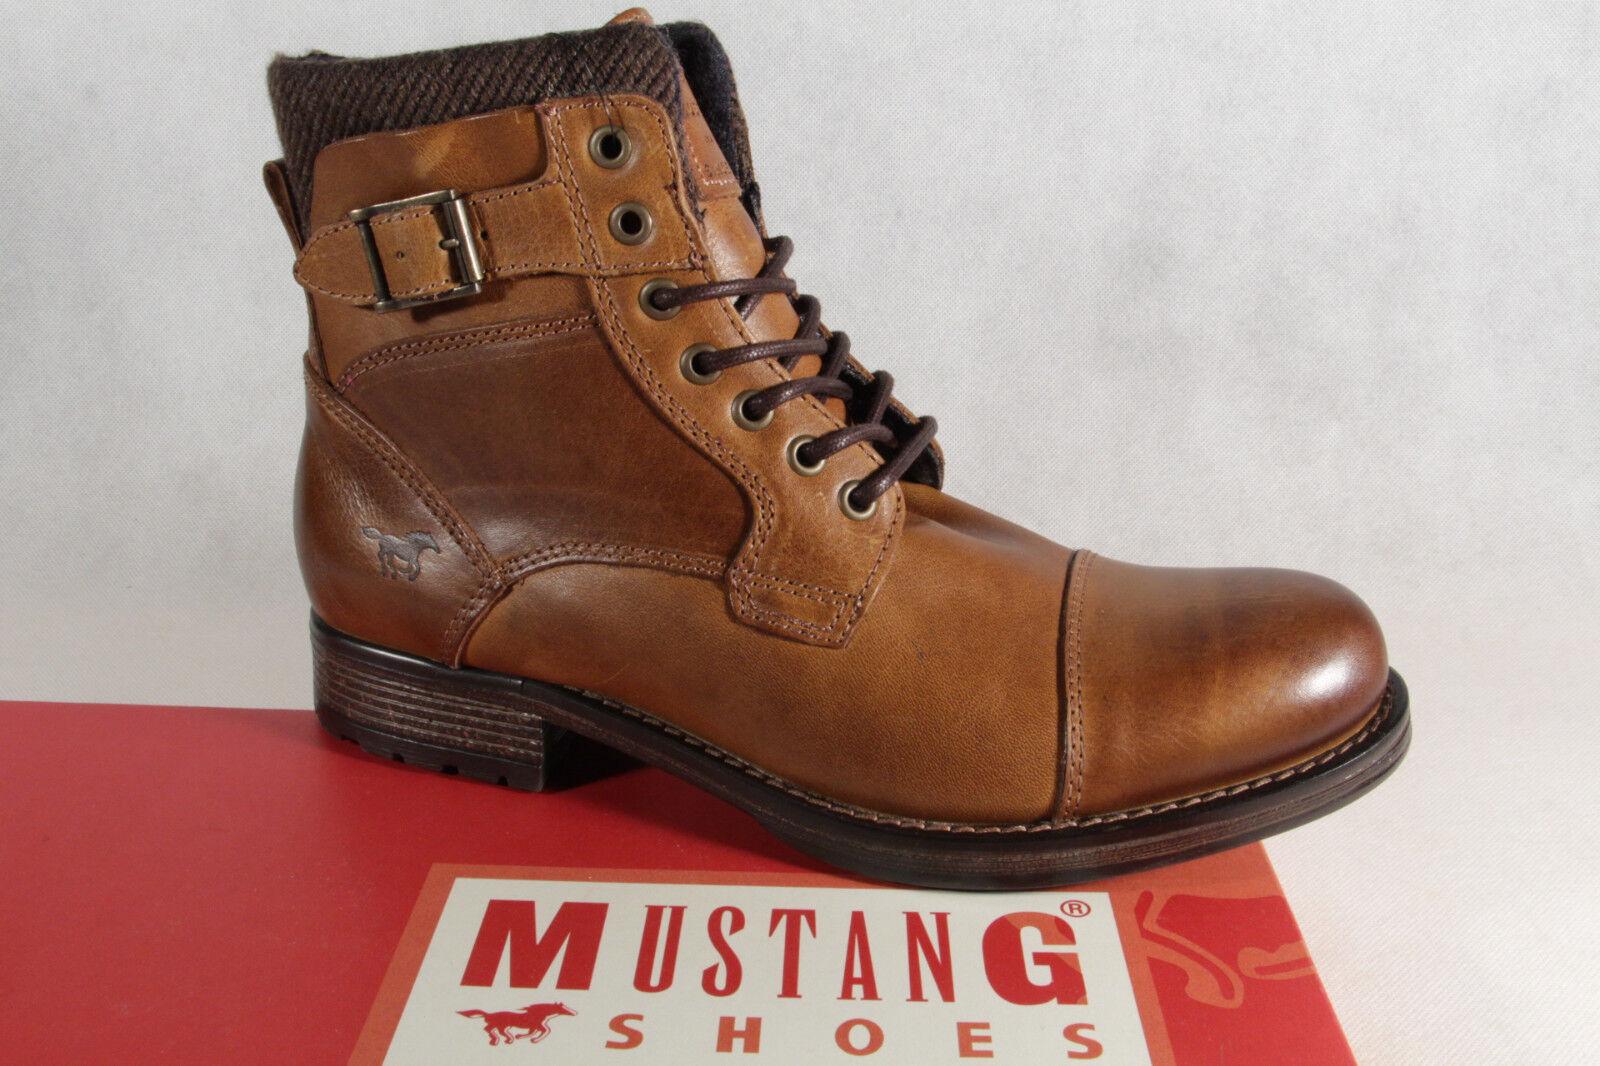 MUSTANG botas de Auténtico cordón Invierno Marrón Cuero Auténtico de 4865 NUEVO 67e207